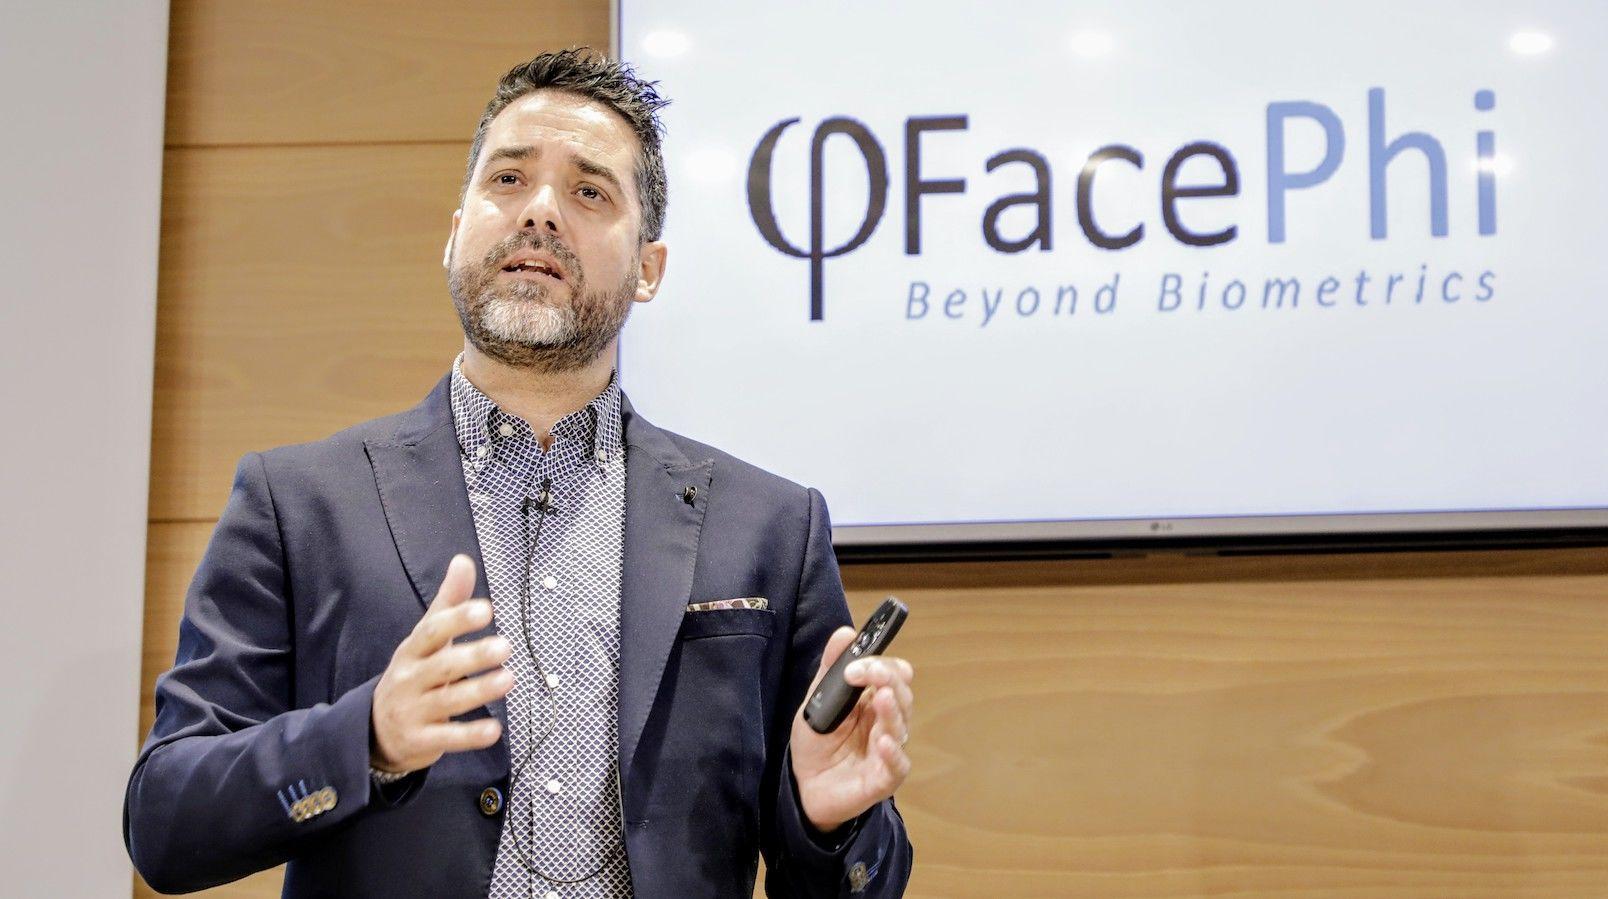 FacePhi: Tecnología, innovación e internacionalización frente a las crisis